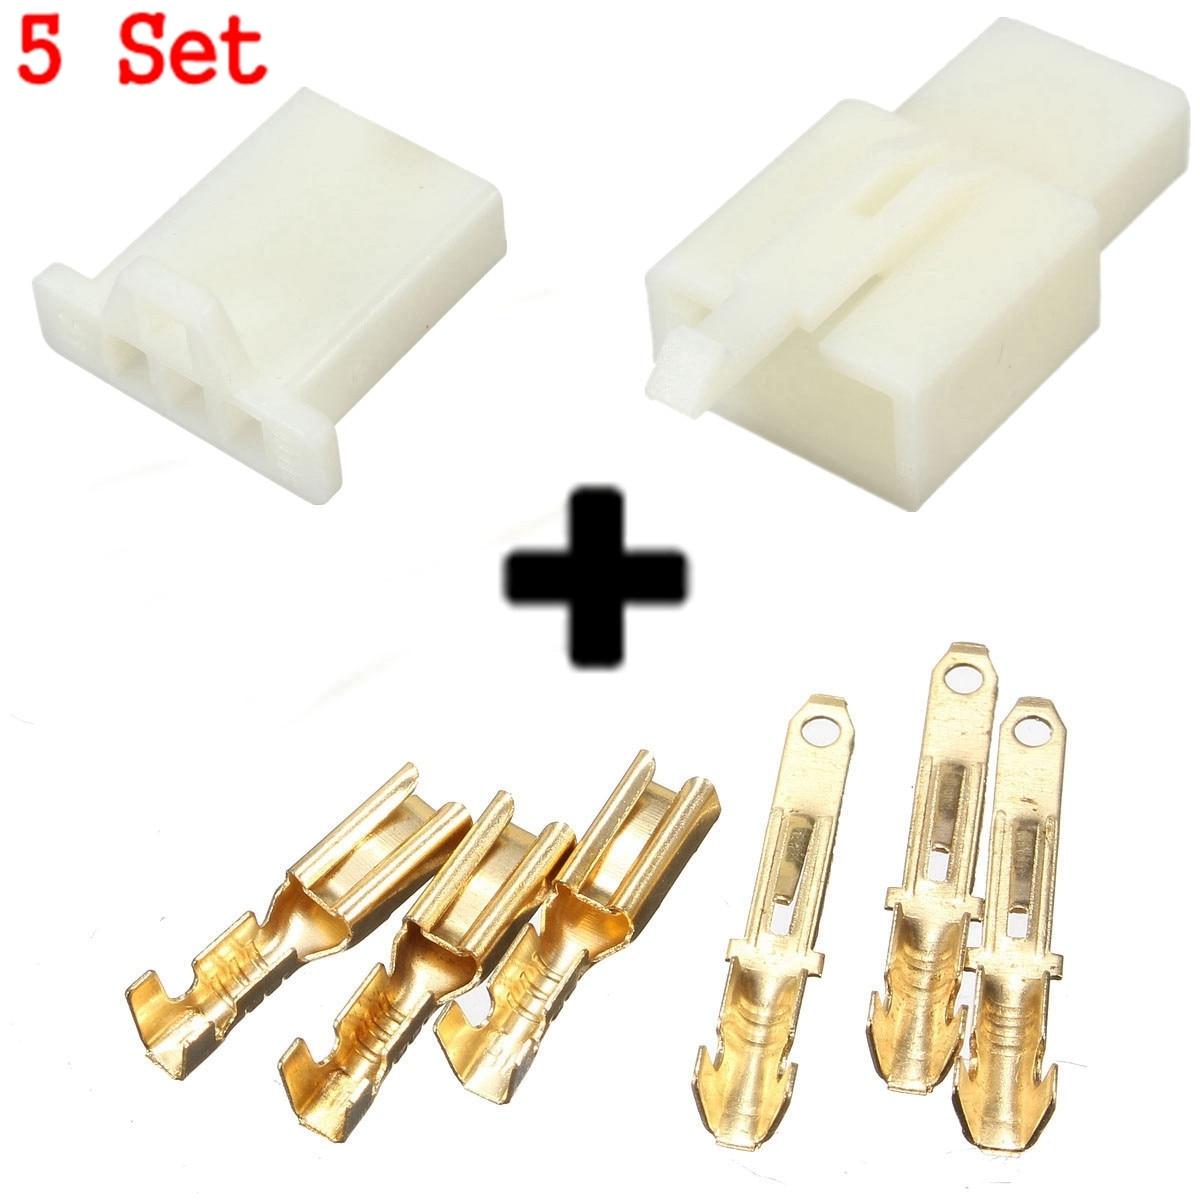 5 Set 2.8mm <font><b>Male</b></font> <font><b>Female</b></font> Housing <font><b>3</b></font> <font><b>Way</b></font> <font><b>Motorcycle</b></font> <font><b>Electrical</b></font> Connector Terminal